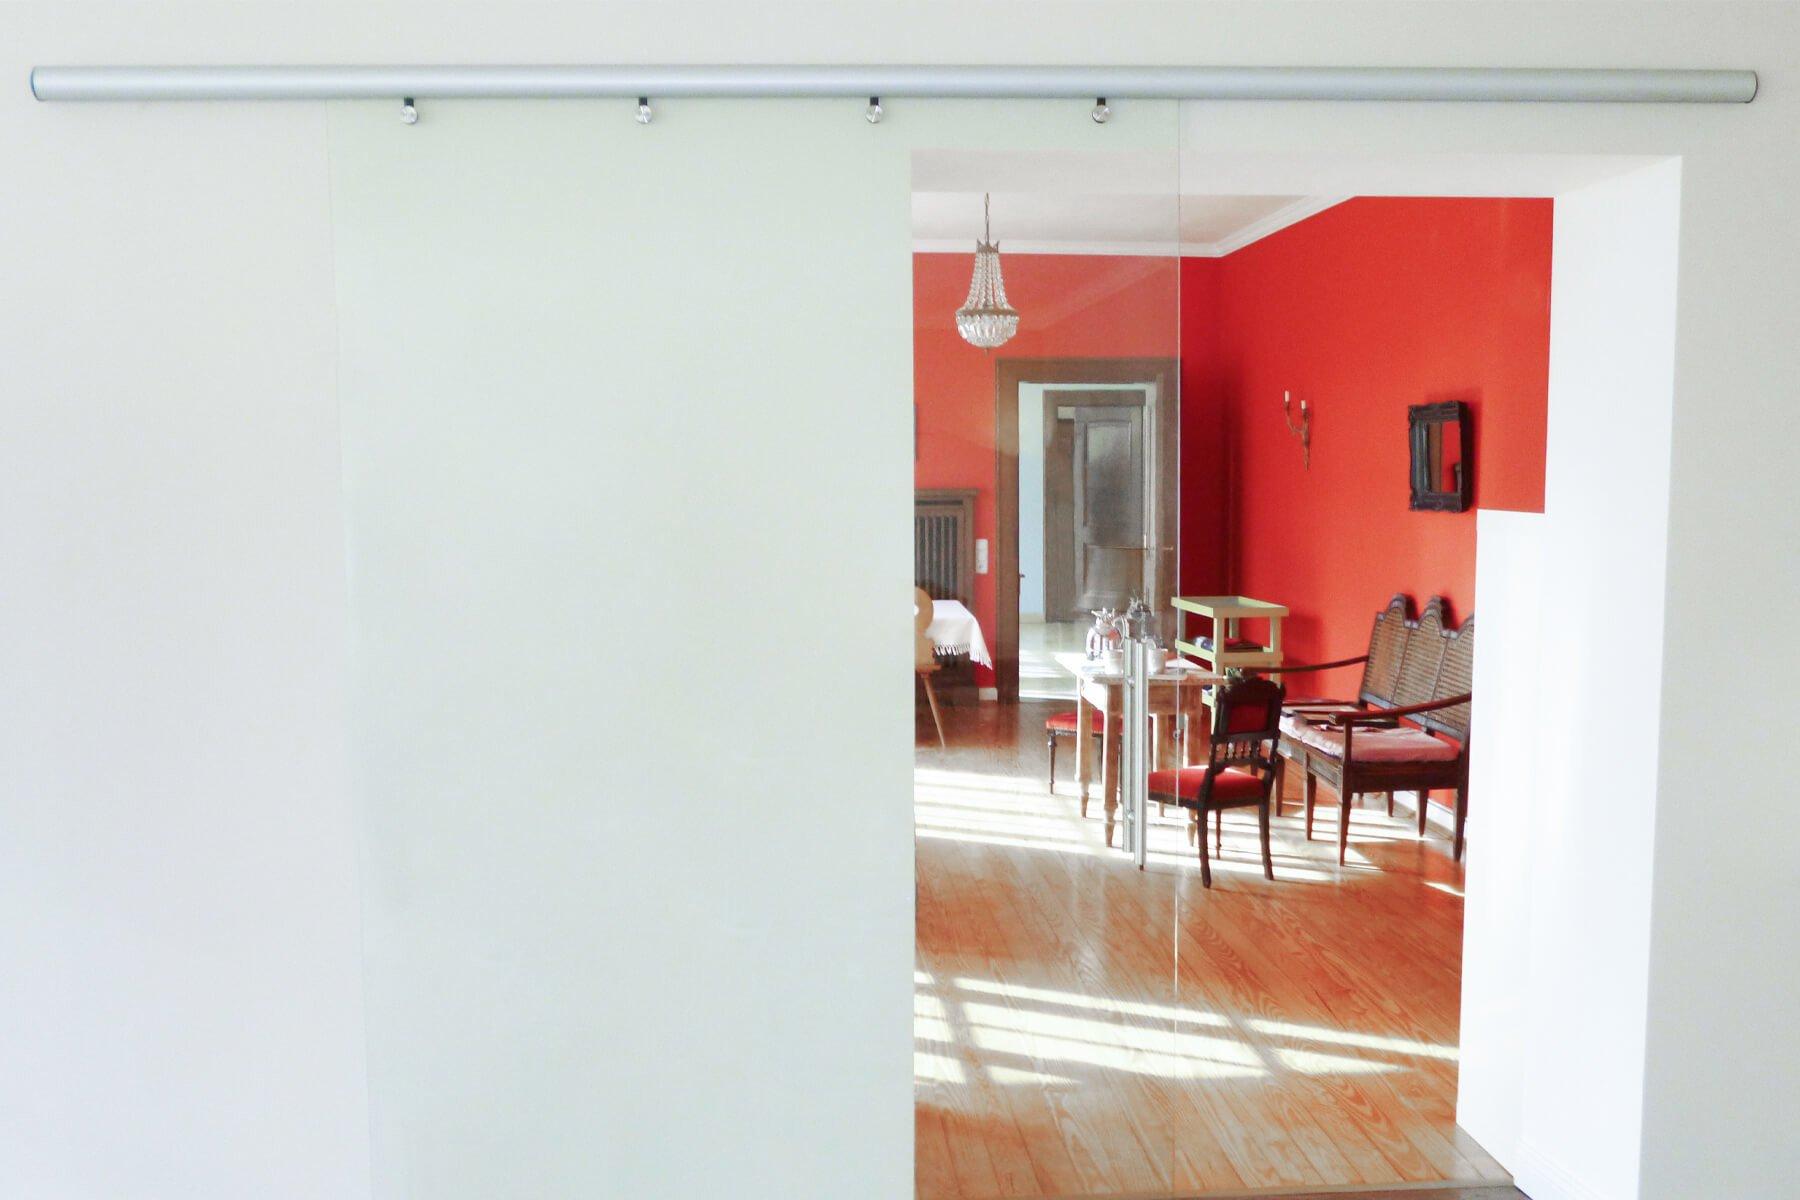 Wandmontage Schiebetür aus Glas